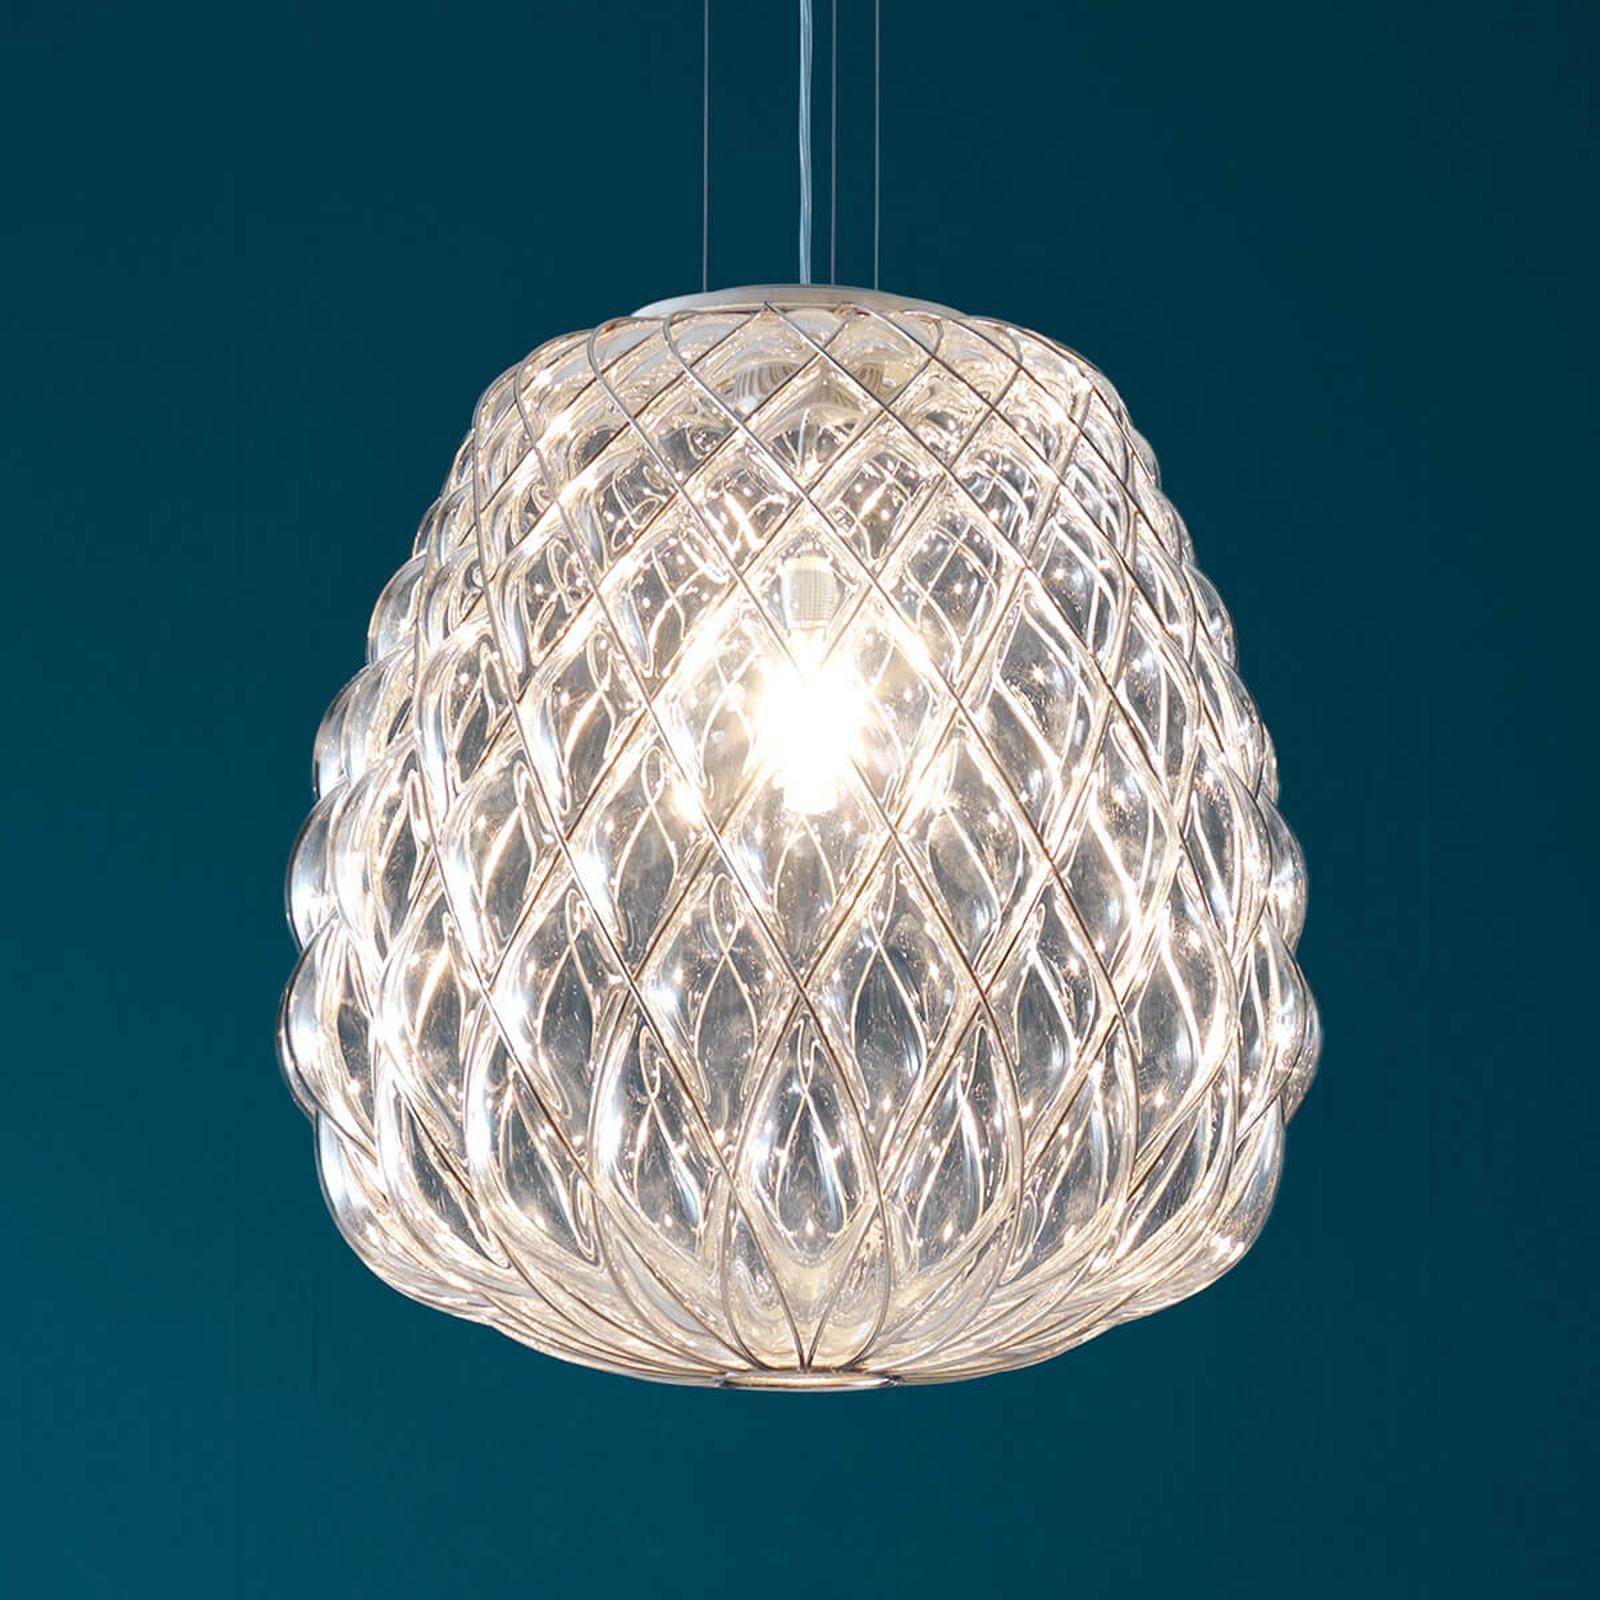 Szklana designerska lampa wisząca Pinecone